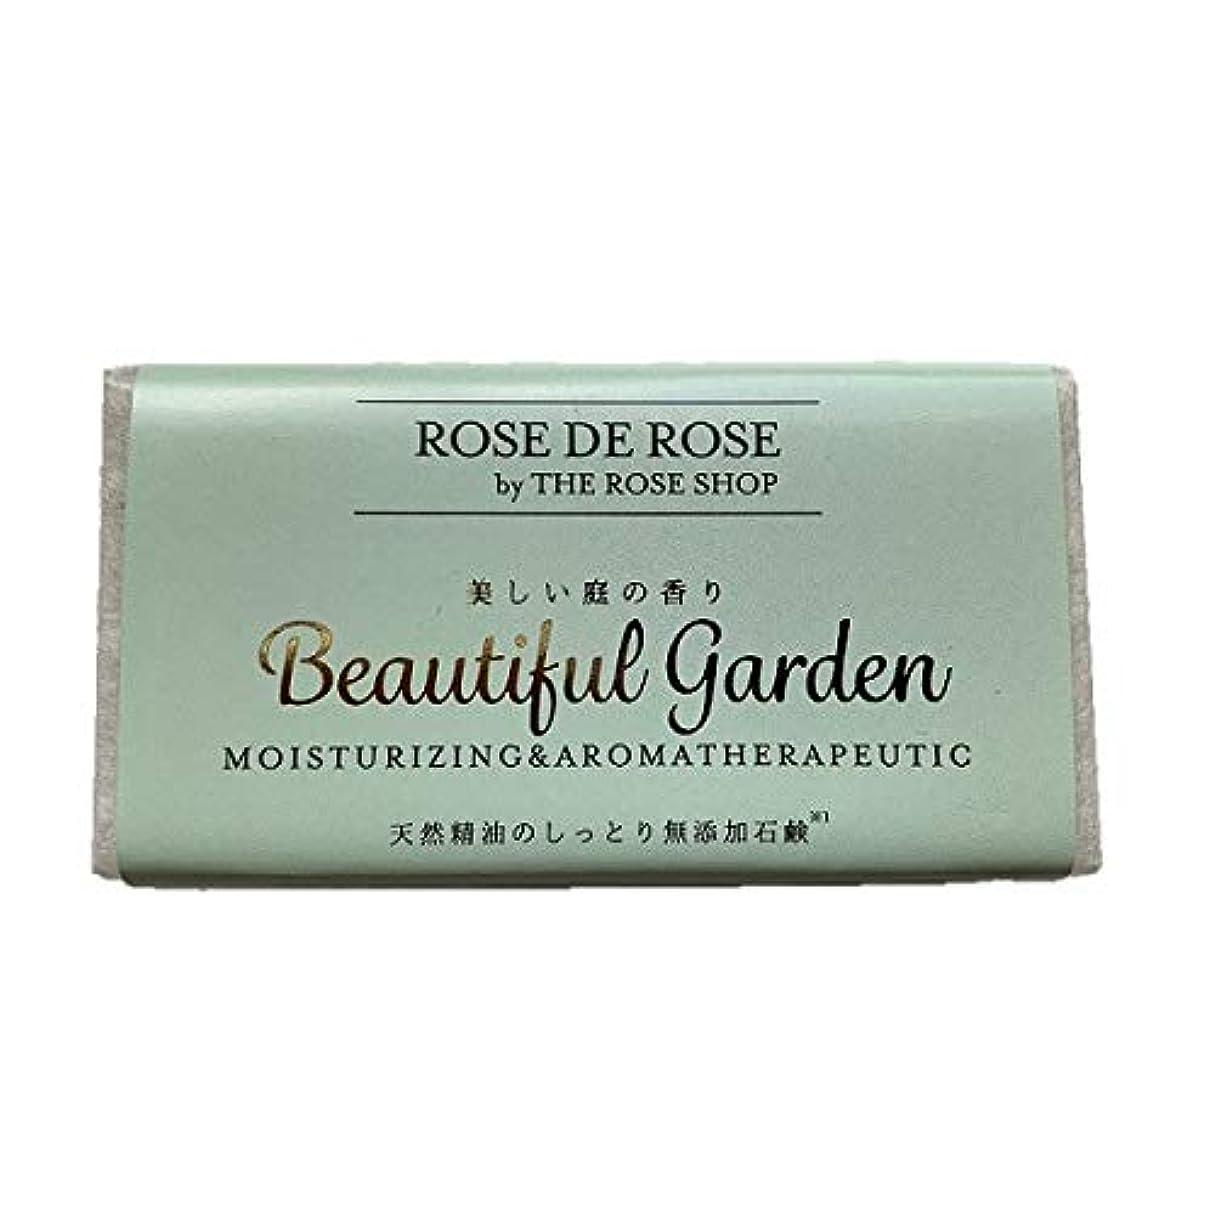 退院消毒する下位天然精油の無添加石鹸 「美しい庭の香り ビューティフルガーデン」